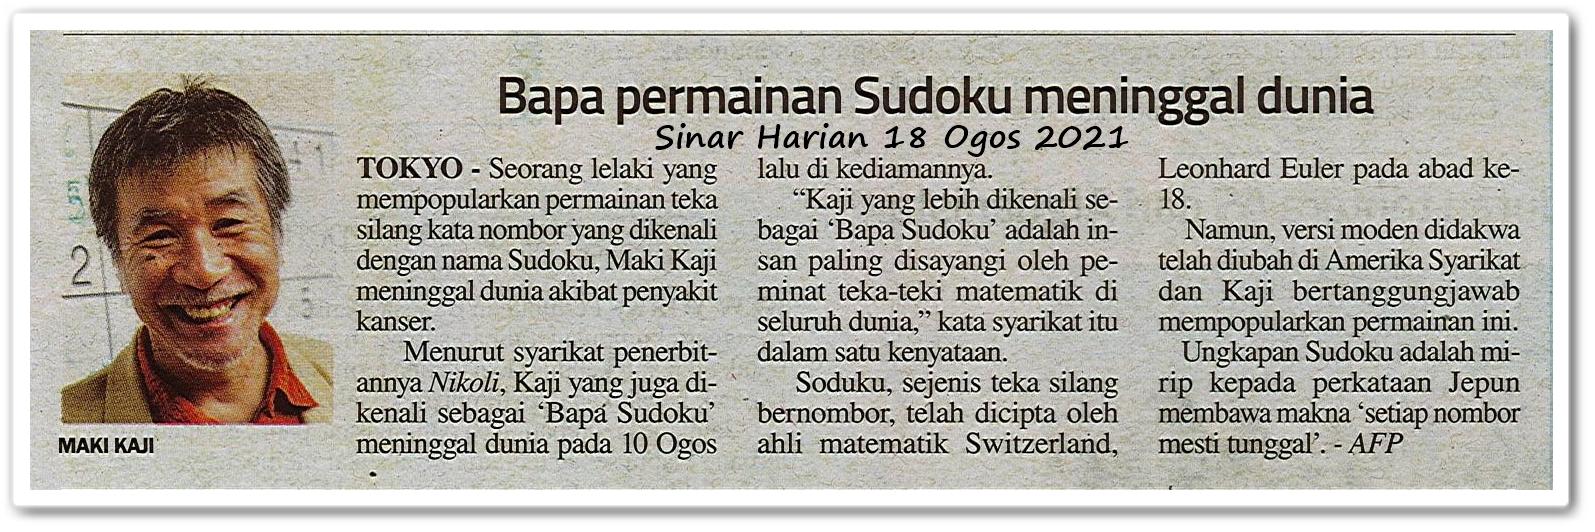 Bapa permainan Sudoku meninggal dunia - Keratan akhbar Sinar Harian 18 Ogos 2021